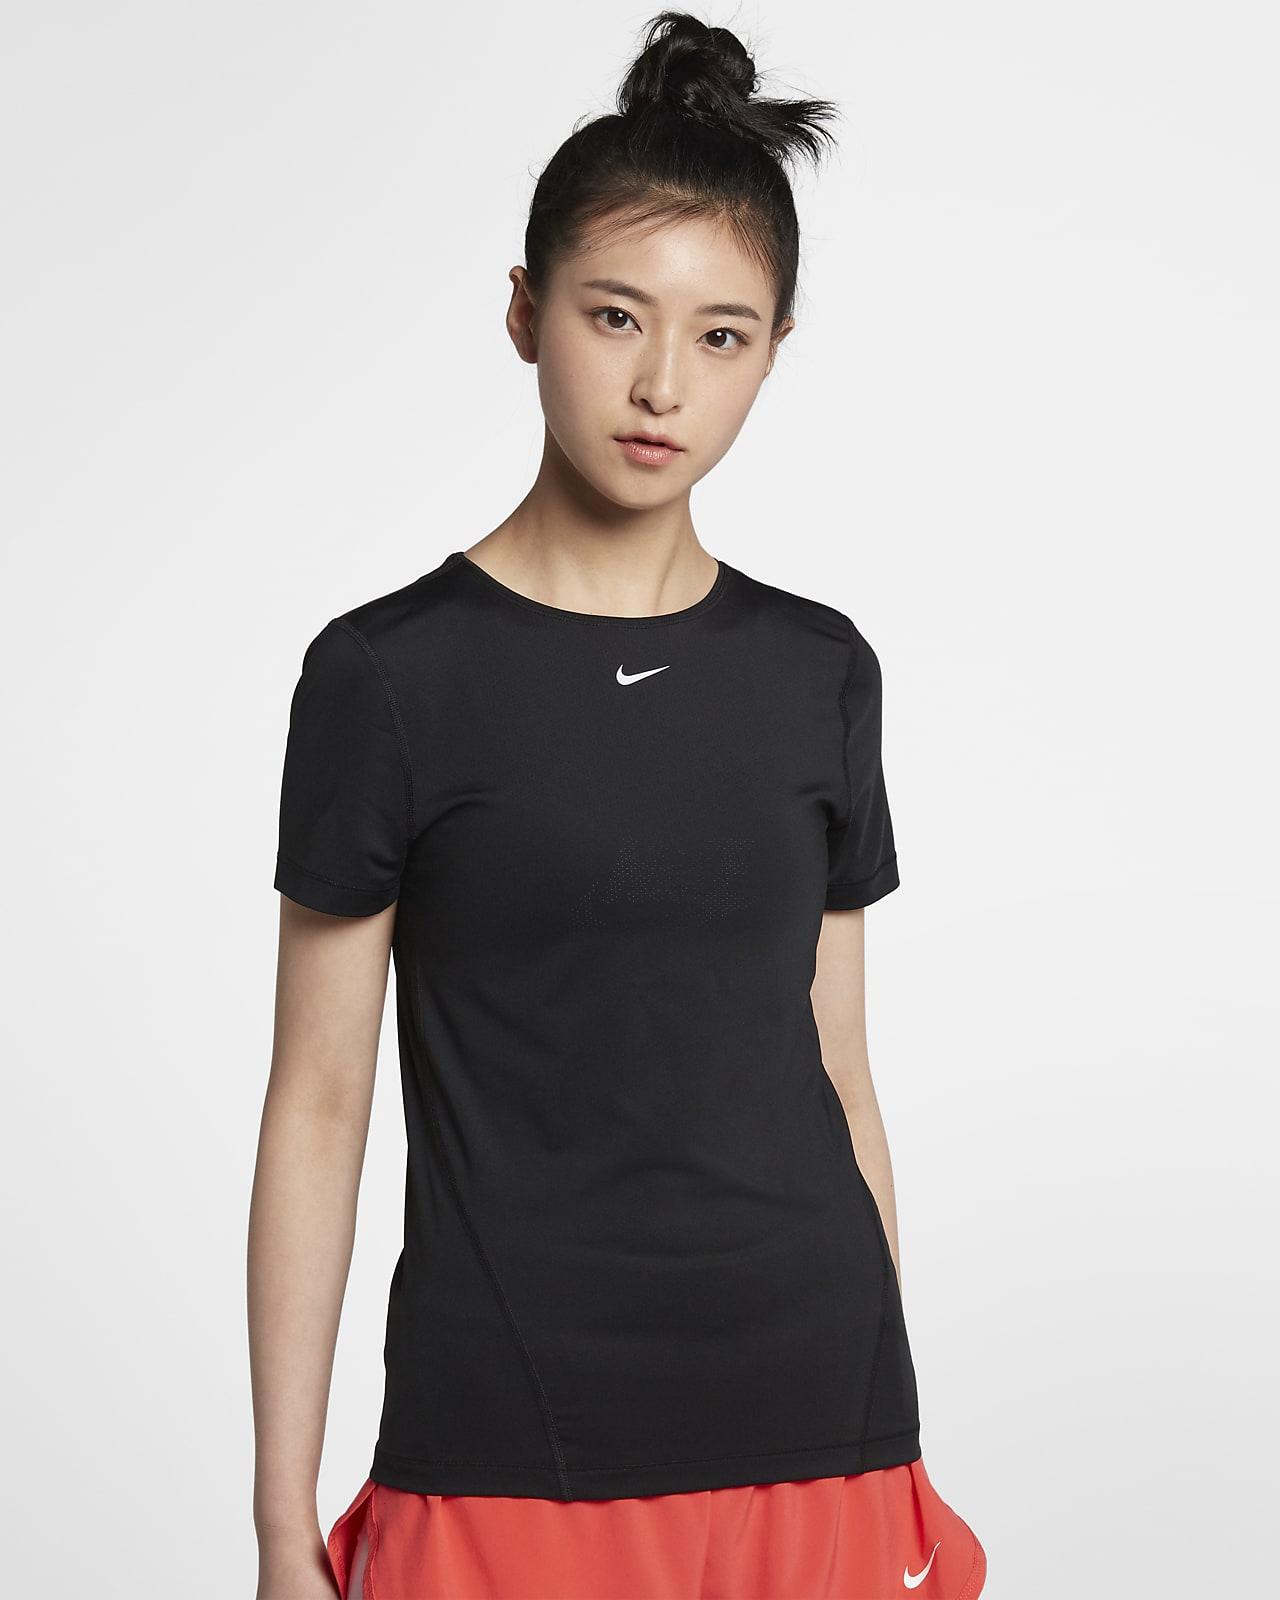 เสื้อตาข่ายผู้หญิง Nike Pro (พลัสไซส์)